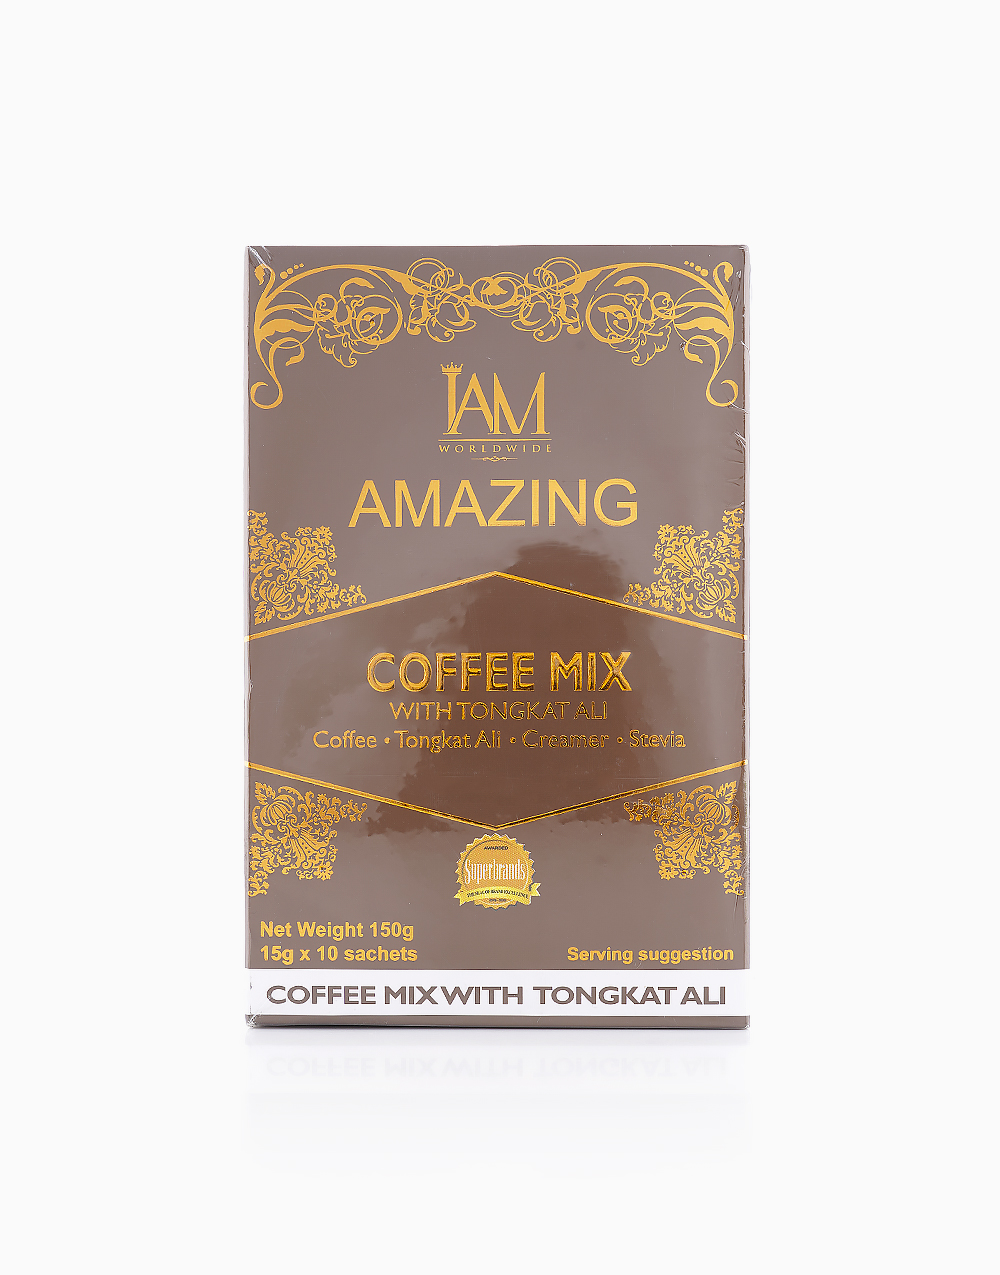 Coffee Mix with Tongkat-Ali (10 Sachets) by iAMWorldwide